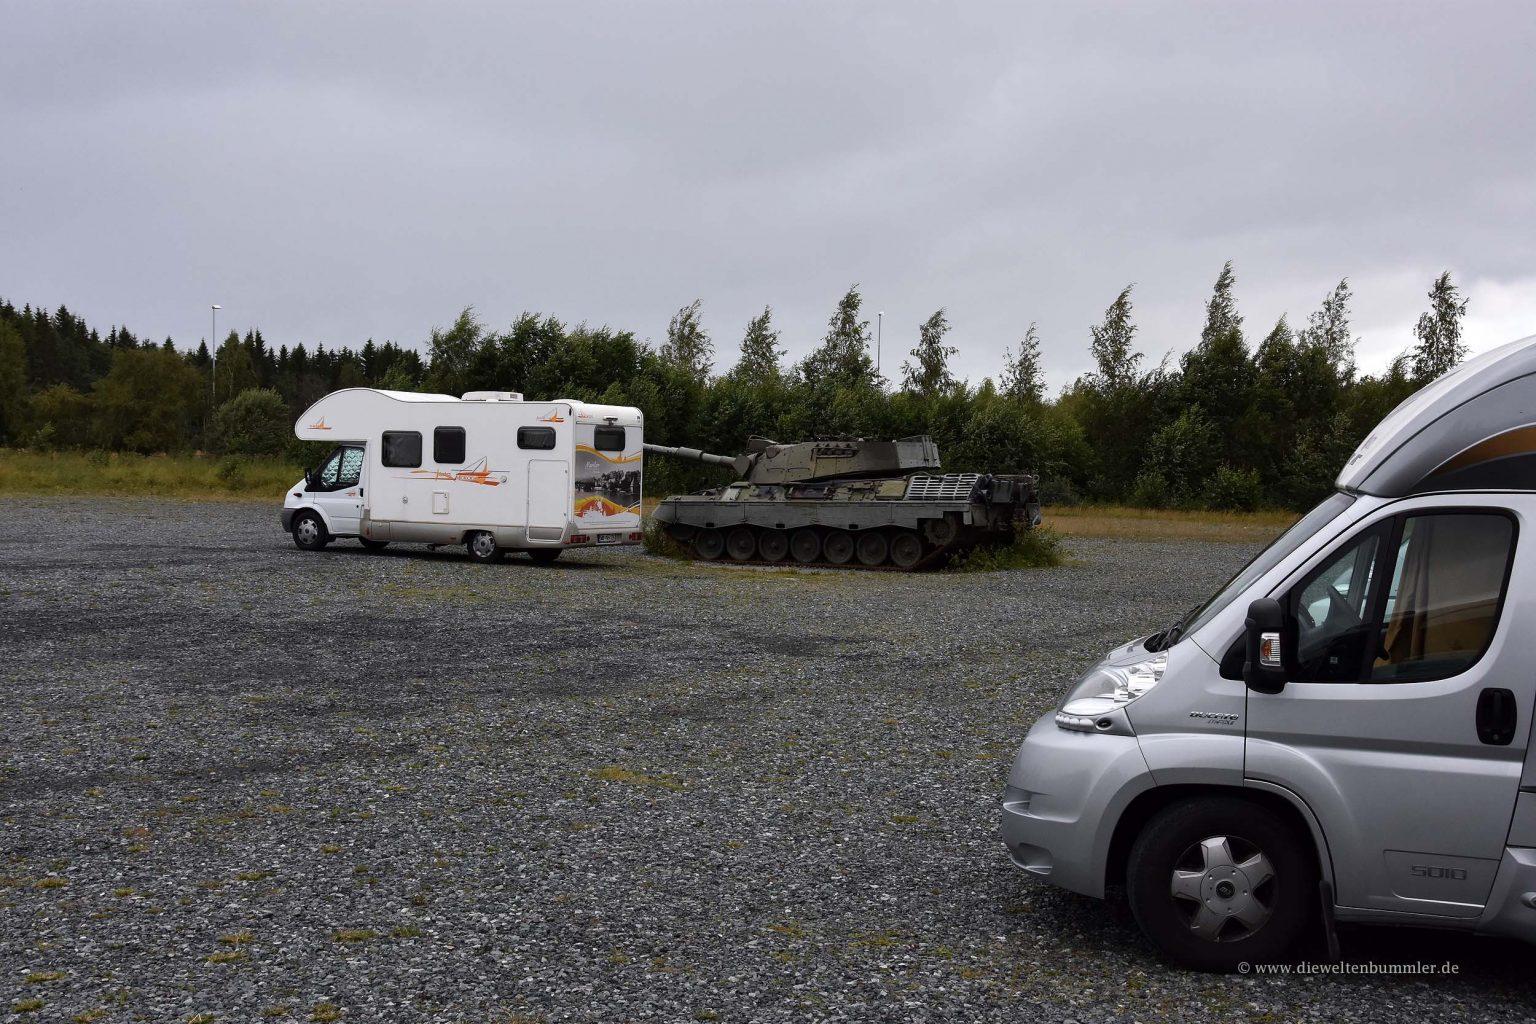 Wohnmobilstellplatz mit Panzer